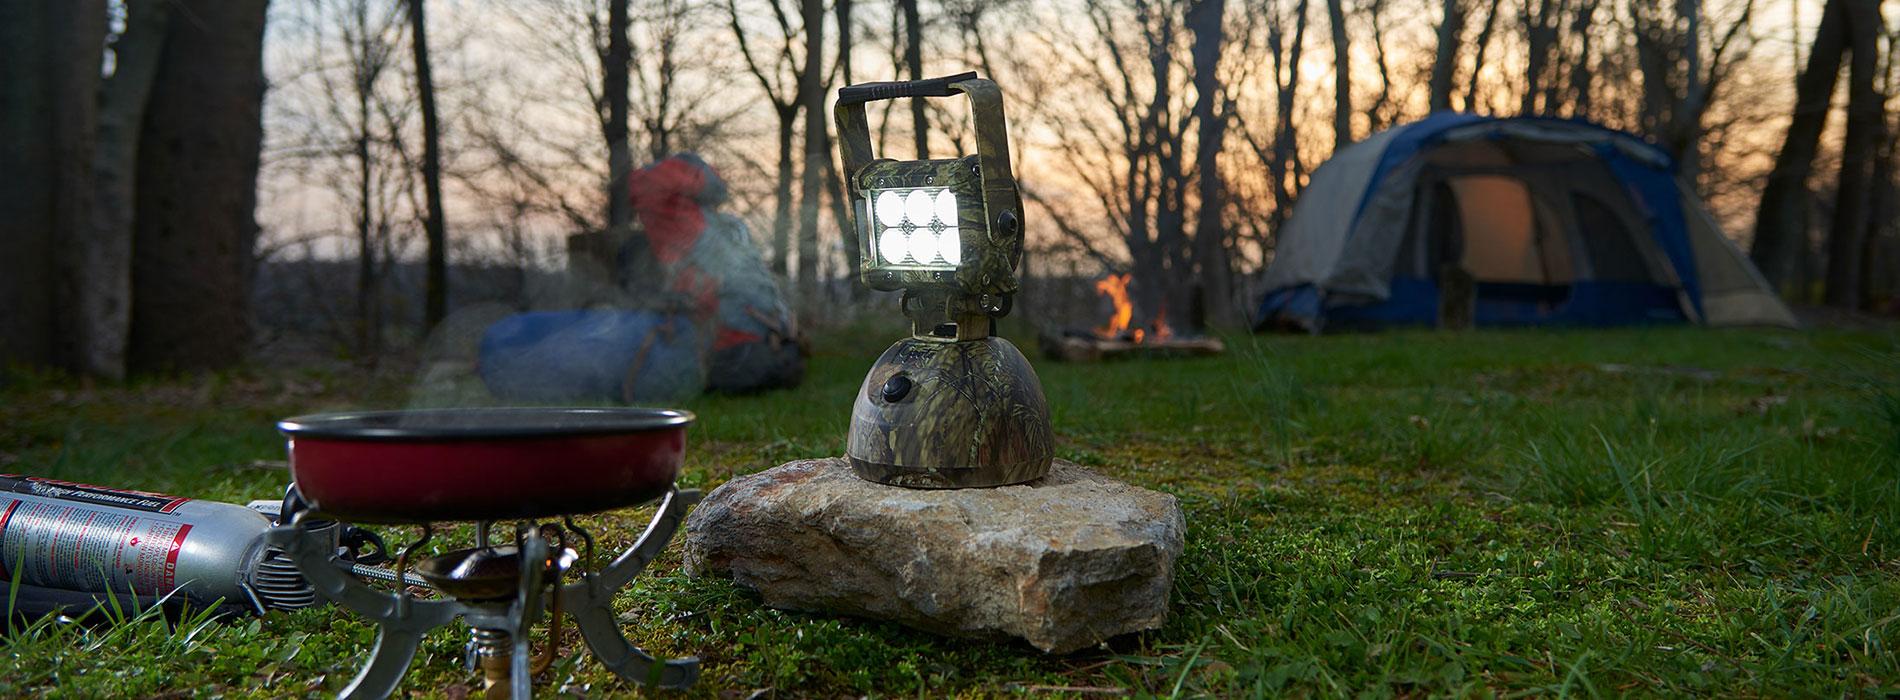 Luz LED de camuflaje utilizada en un campamento